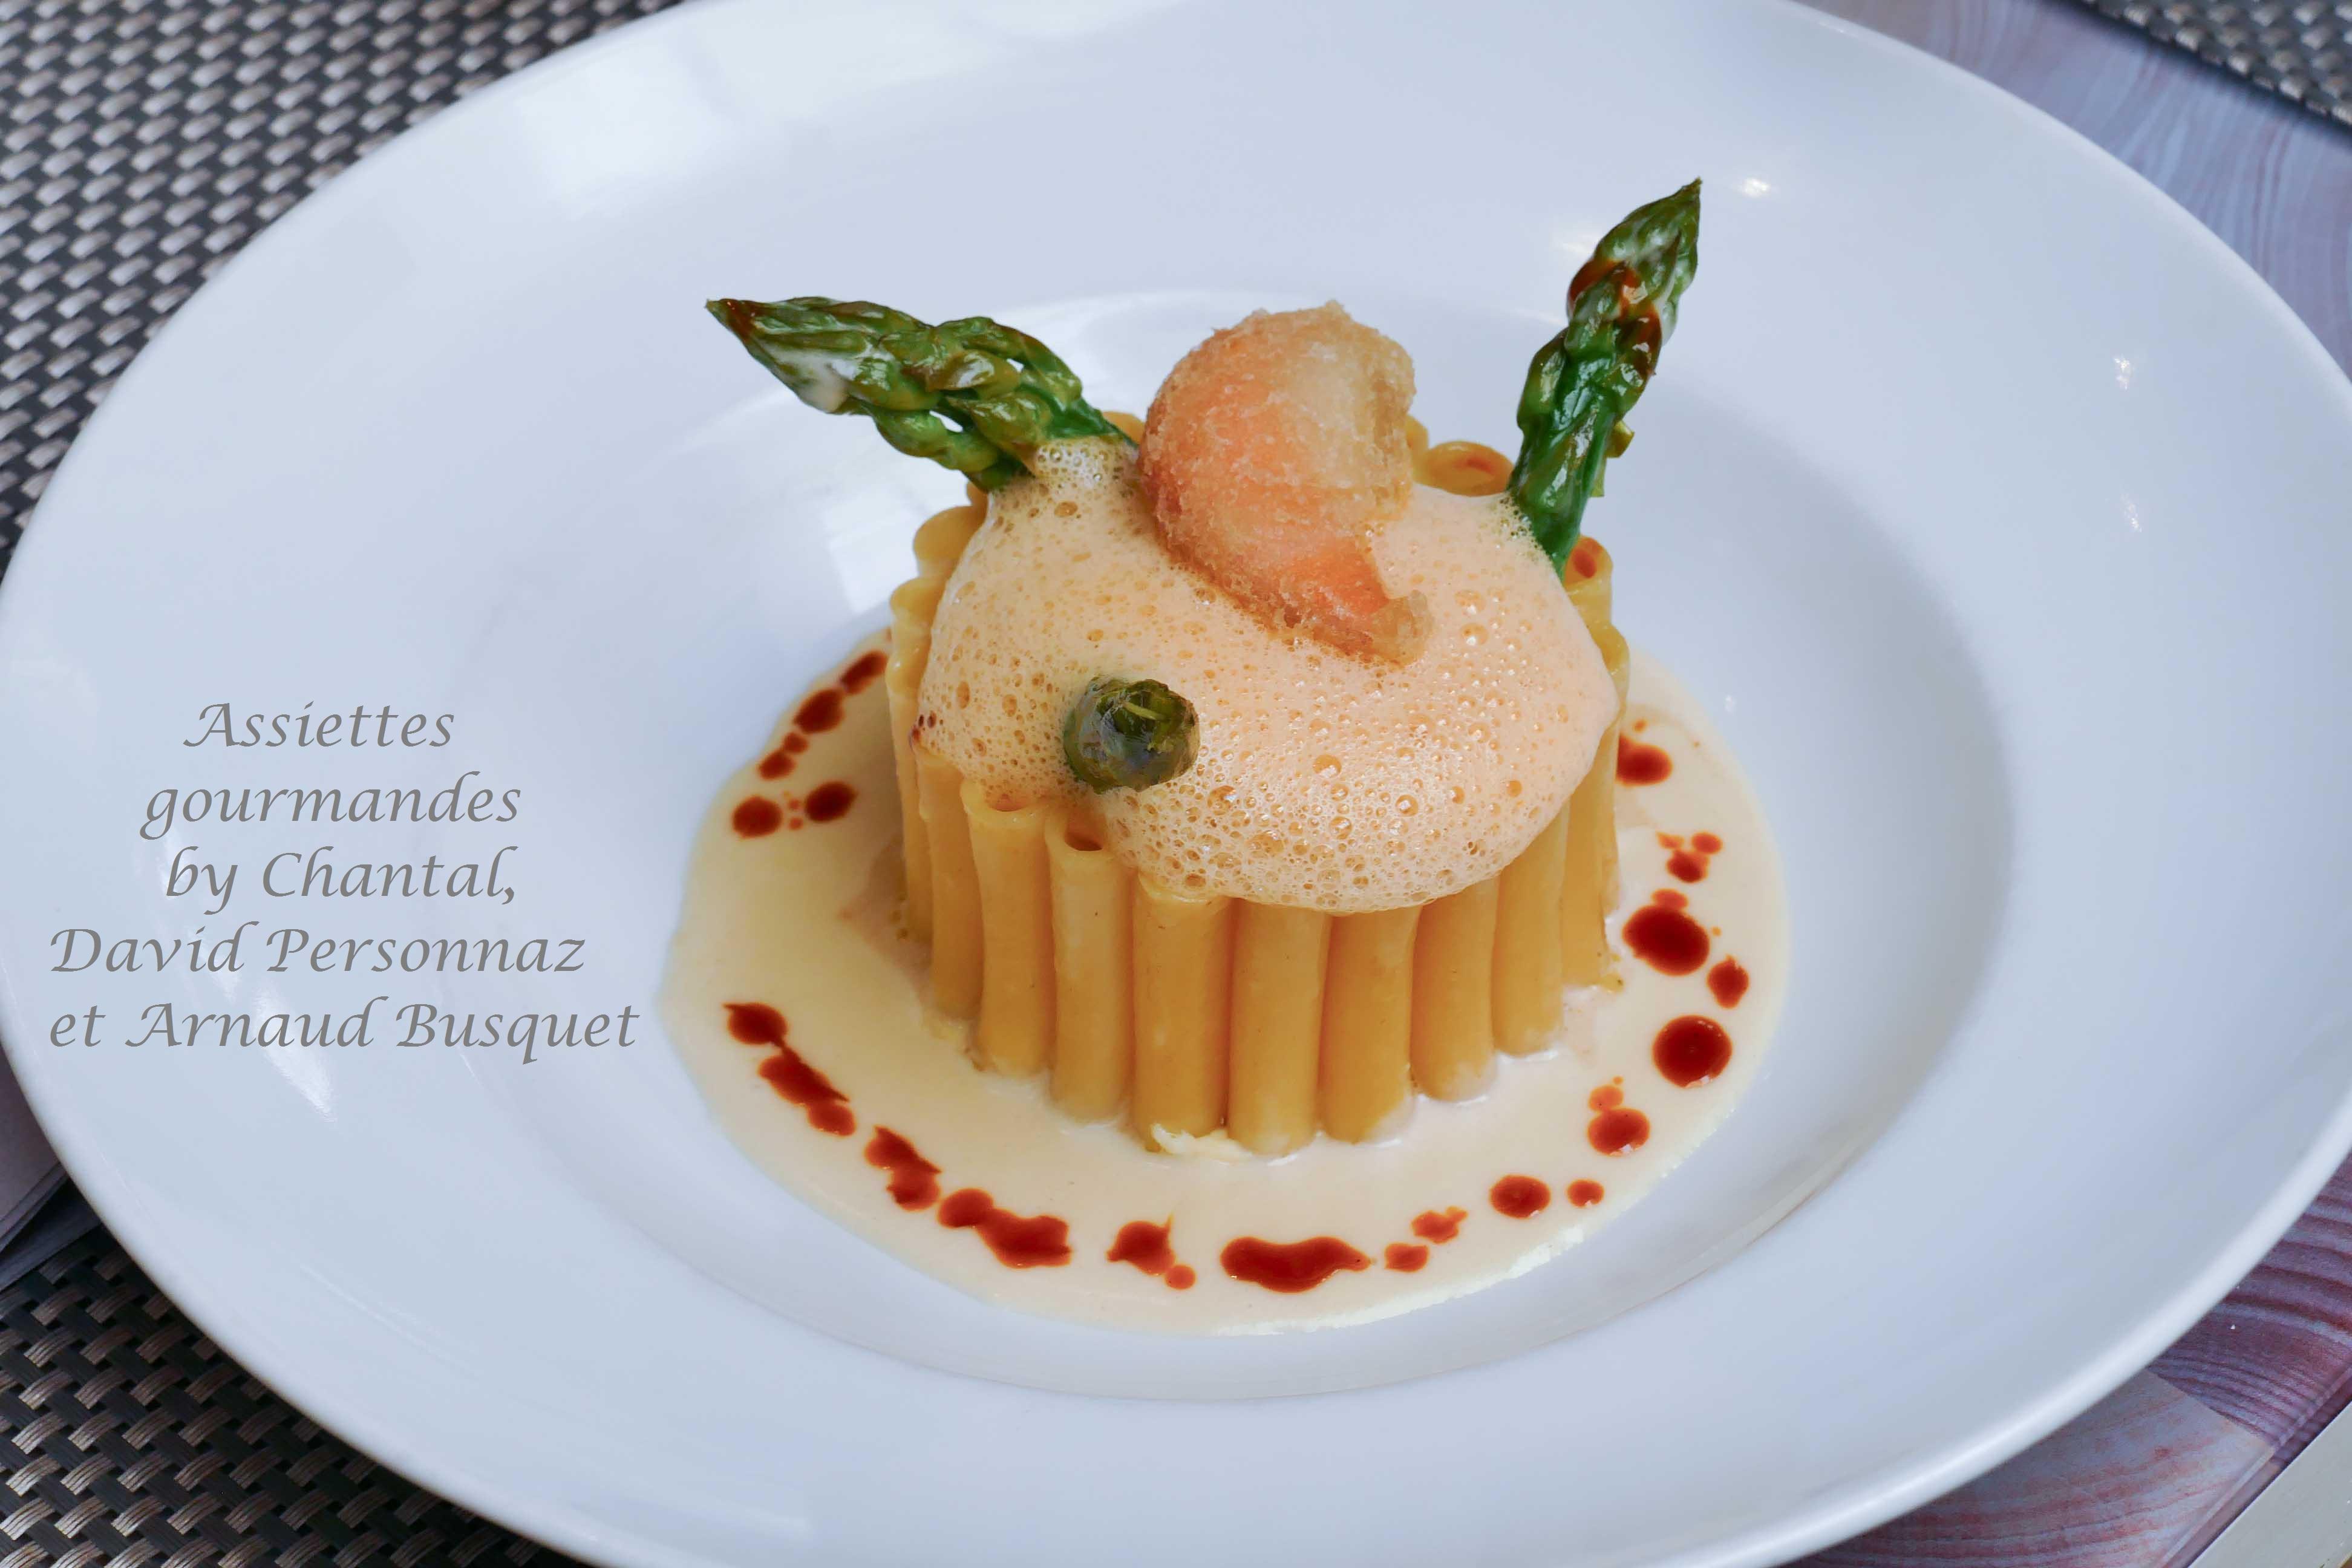 Timbale de macaroni, coquillages et Saint-Jacques, bisque de langoustine